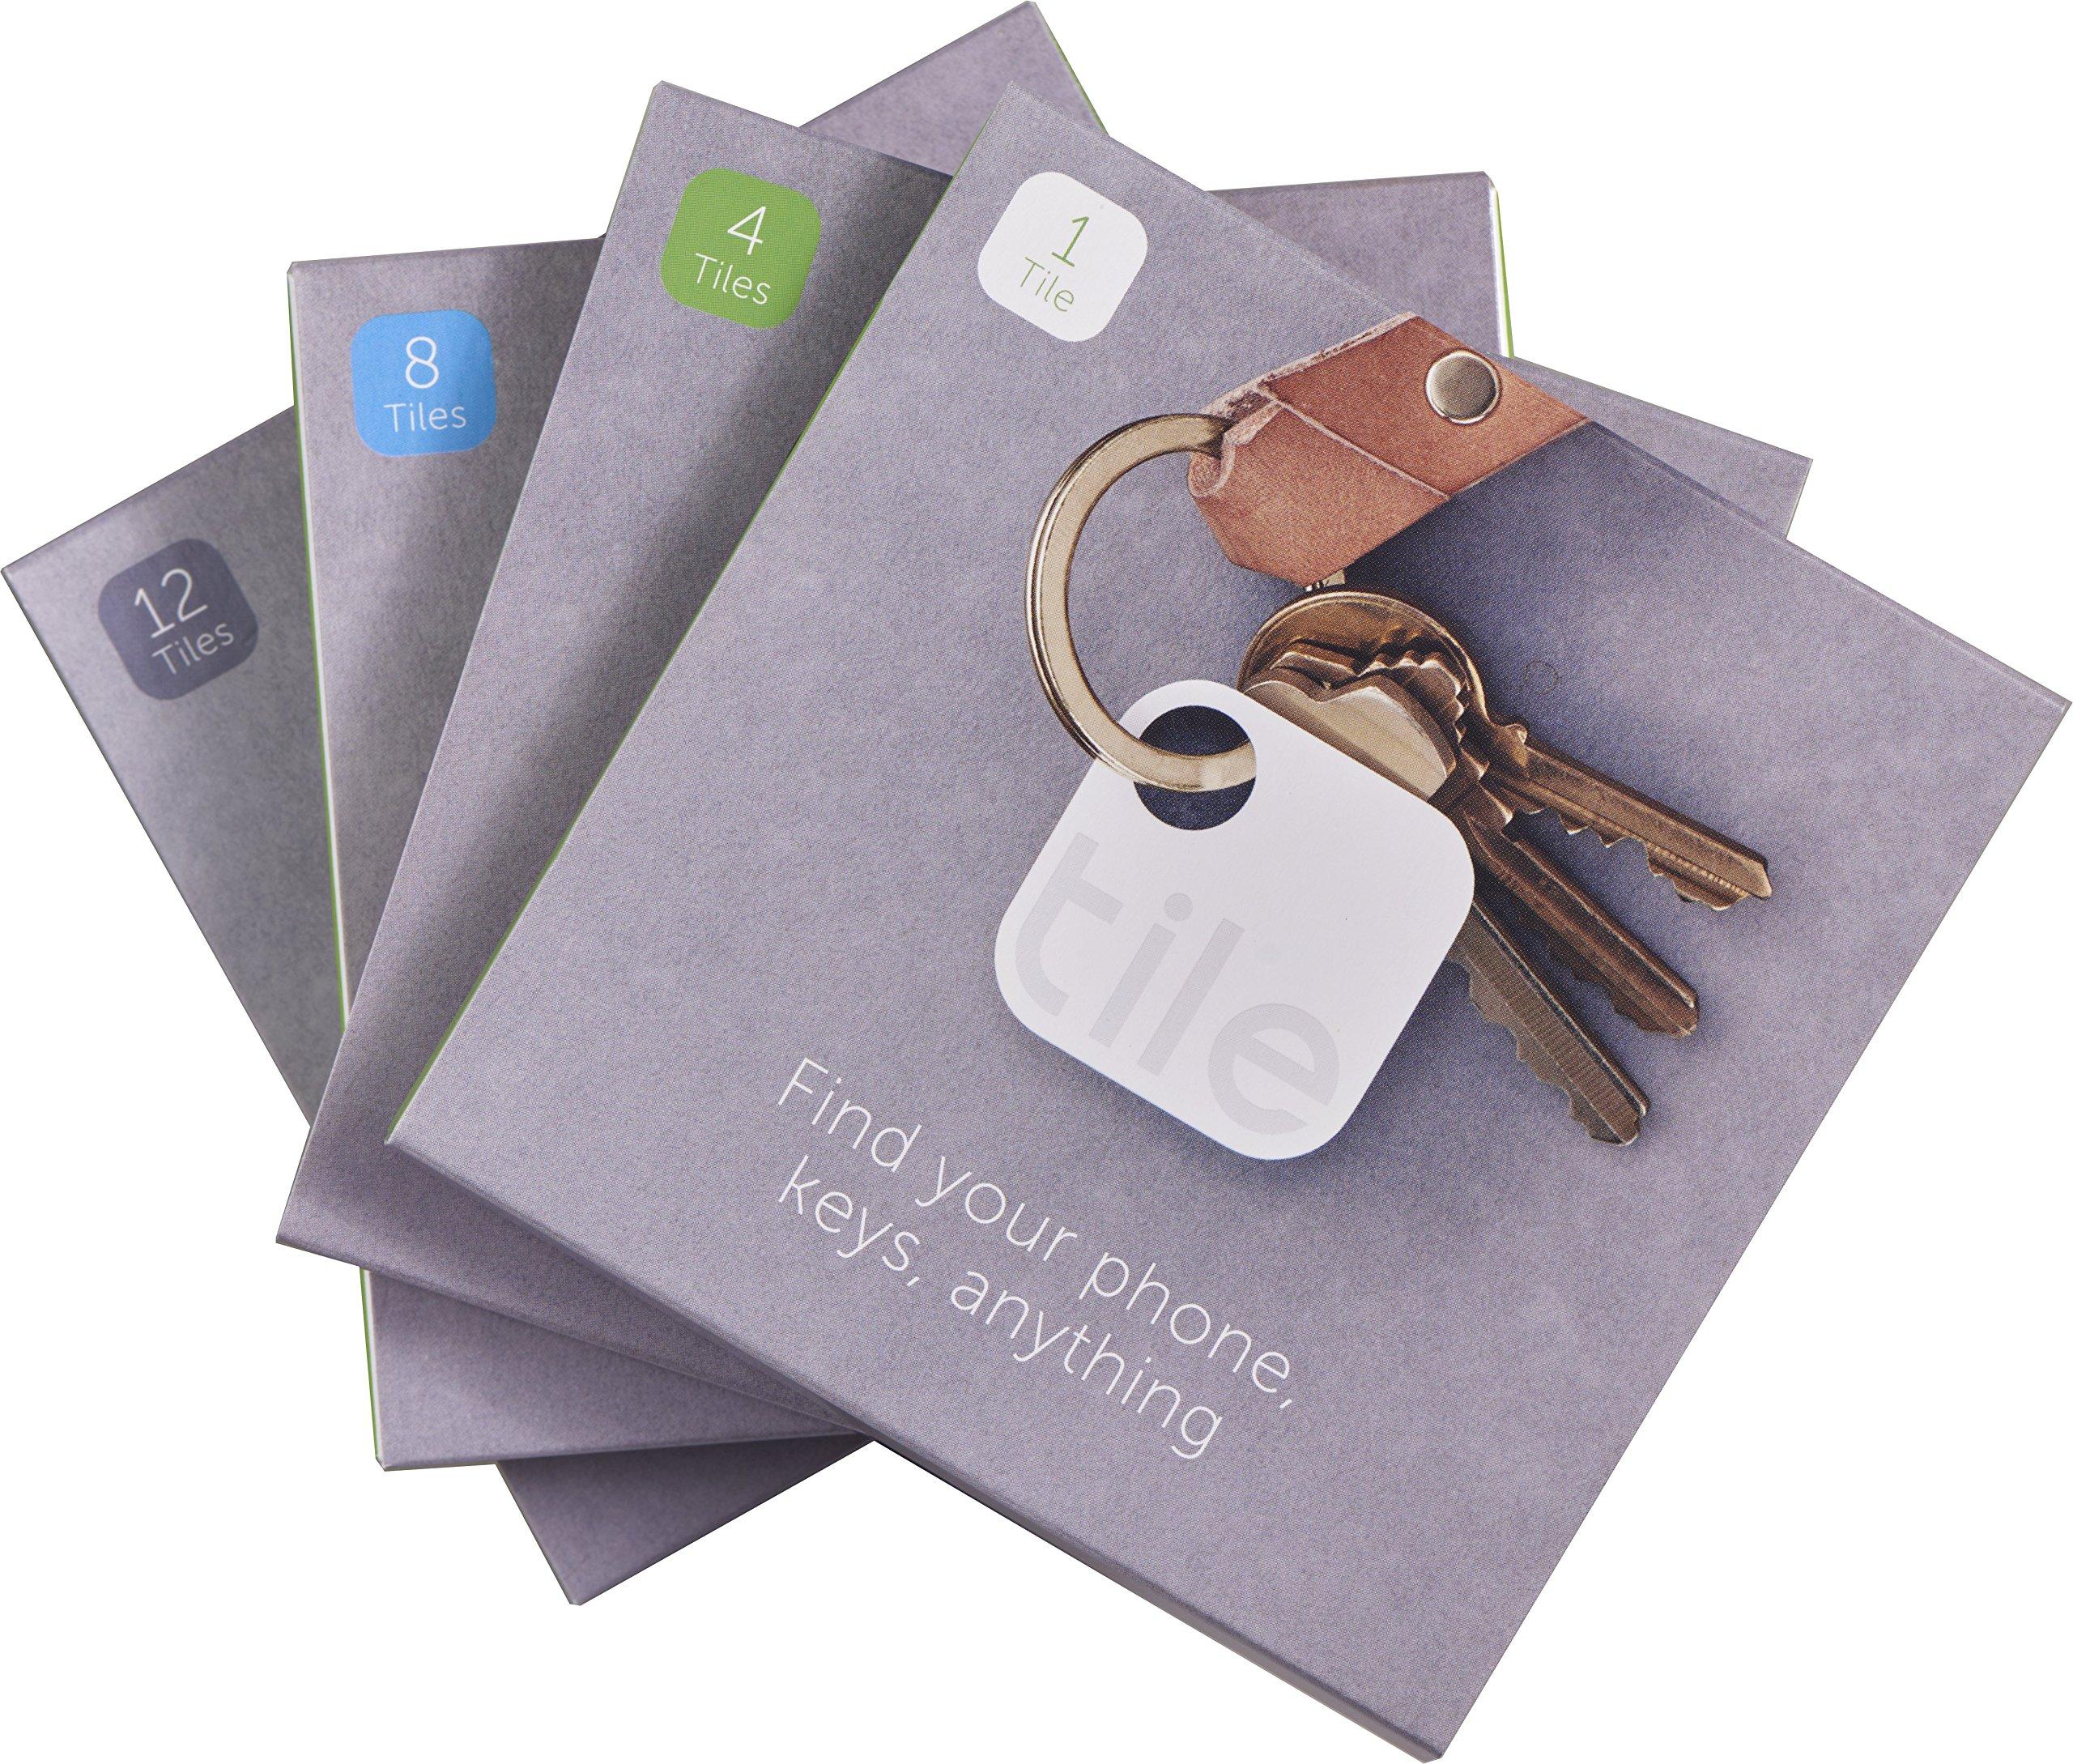 Tile (Gen 2) - Key Finder. Phone Finder. Anything Finder - 1 Pack (Discontinued by Manufacturer) by Tile (Image #6)